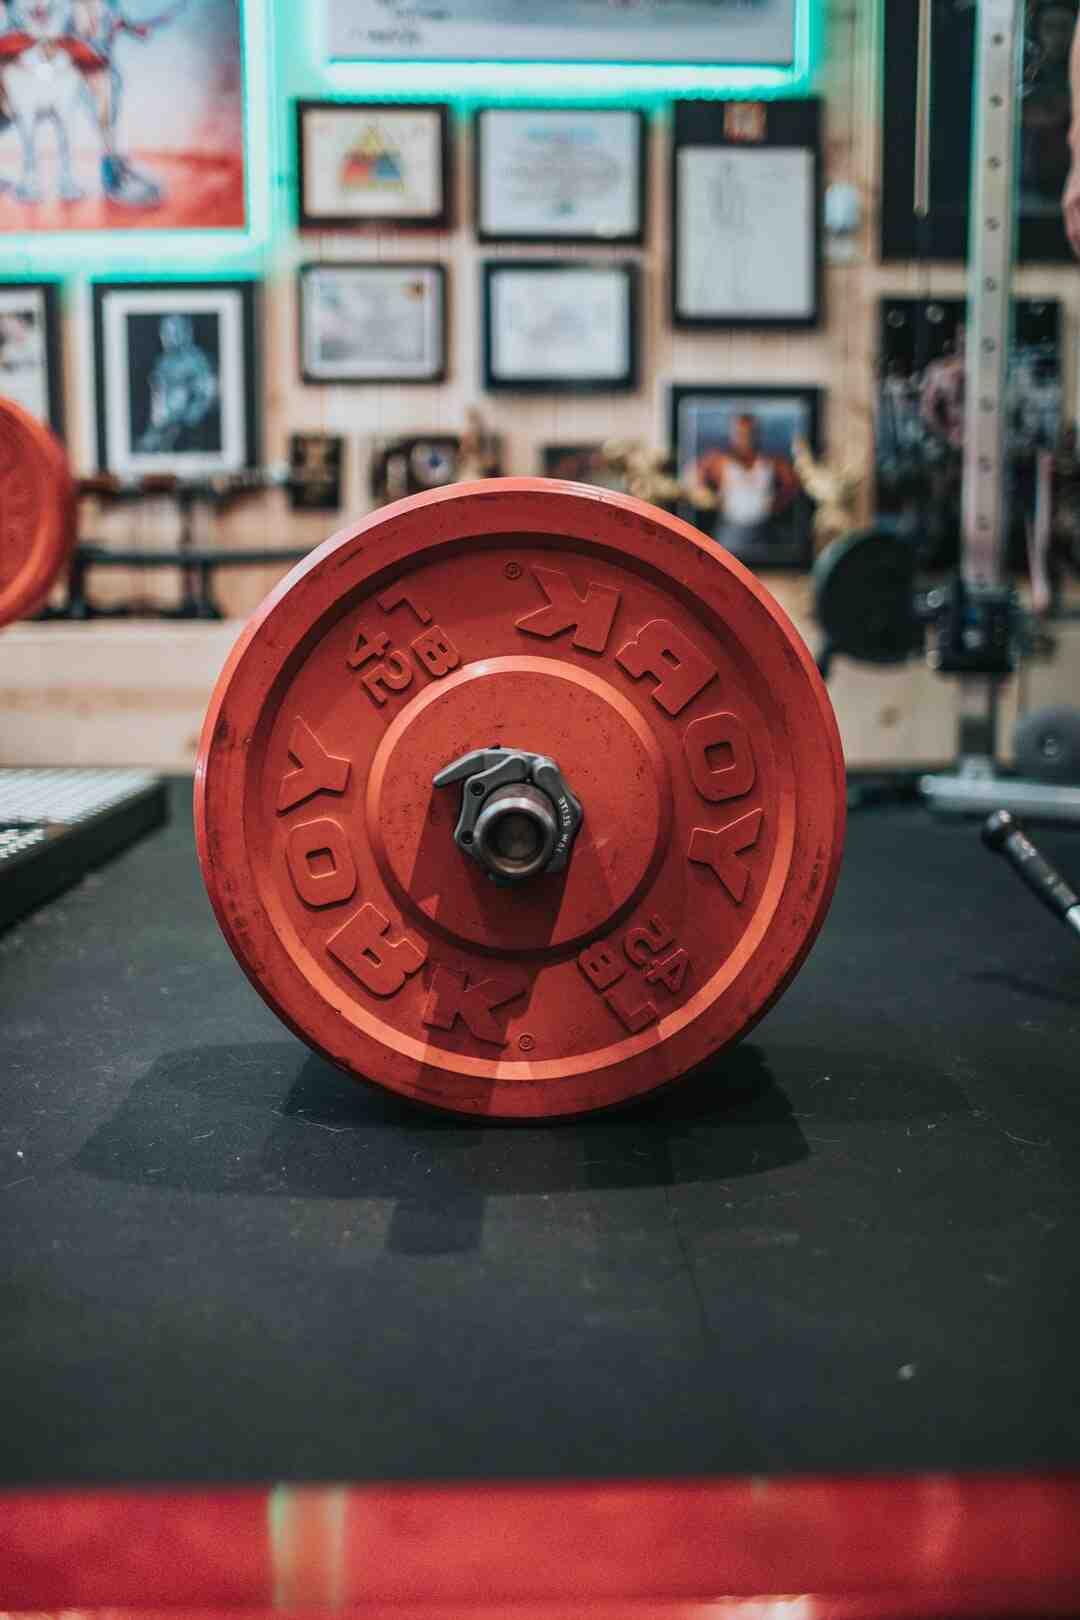 Comment perdre du poids sans effet yoyo